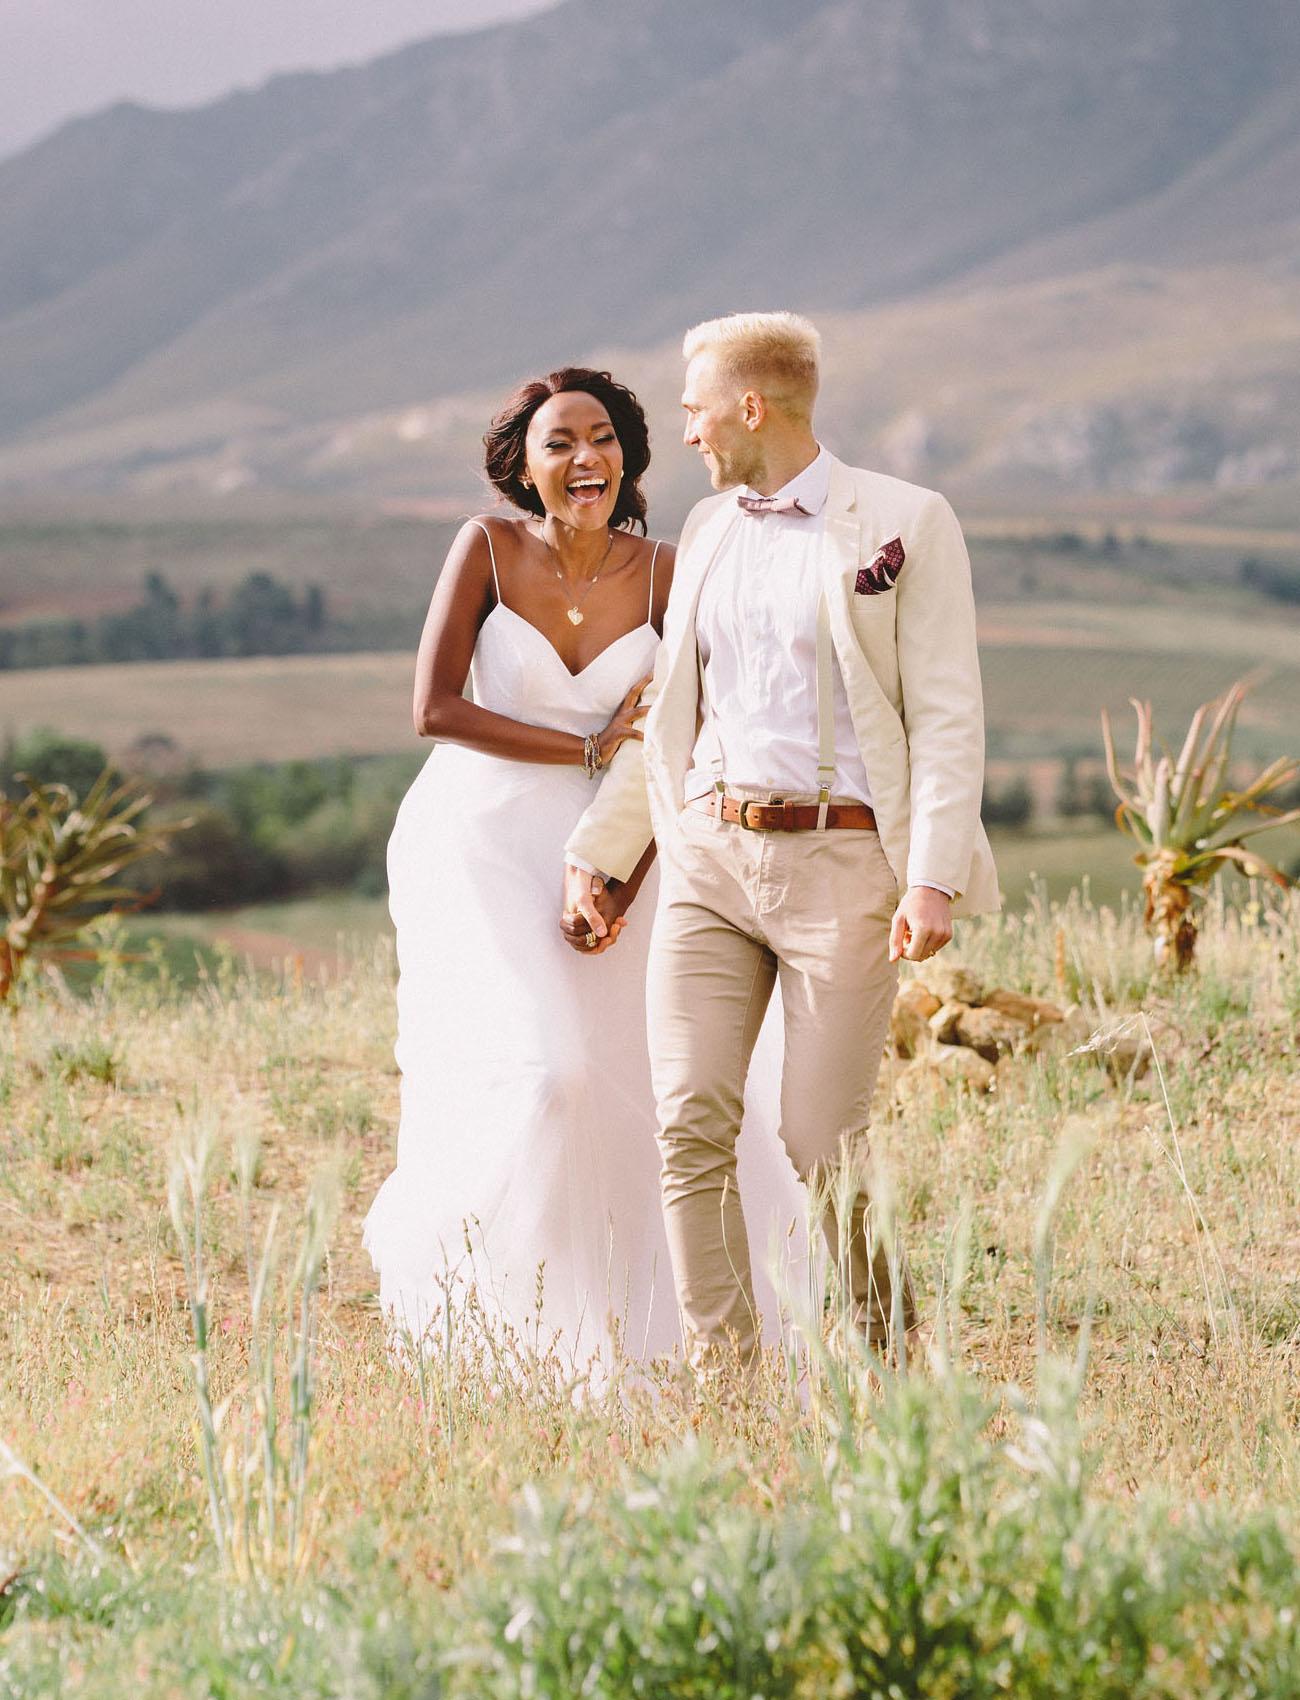 stylish spaghetti strap wedding gown